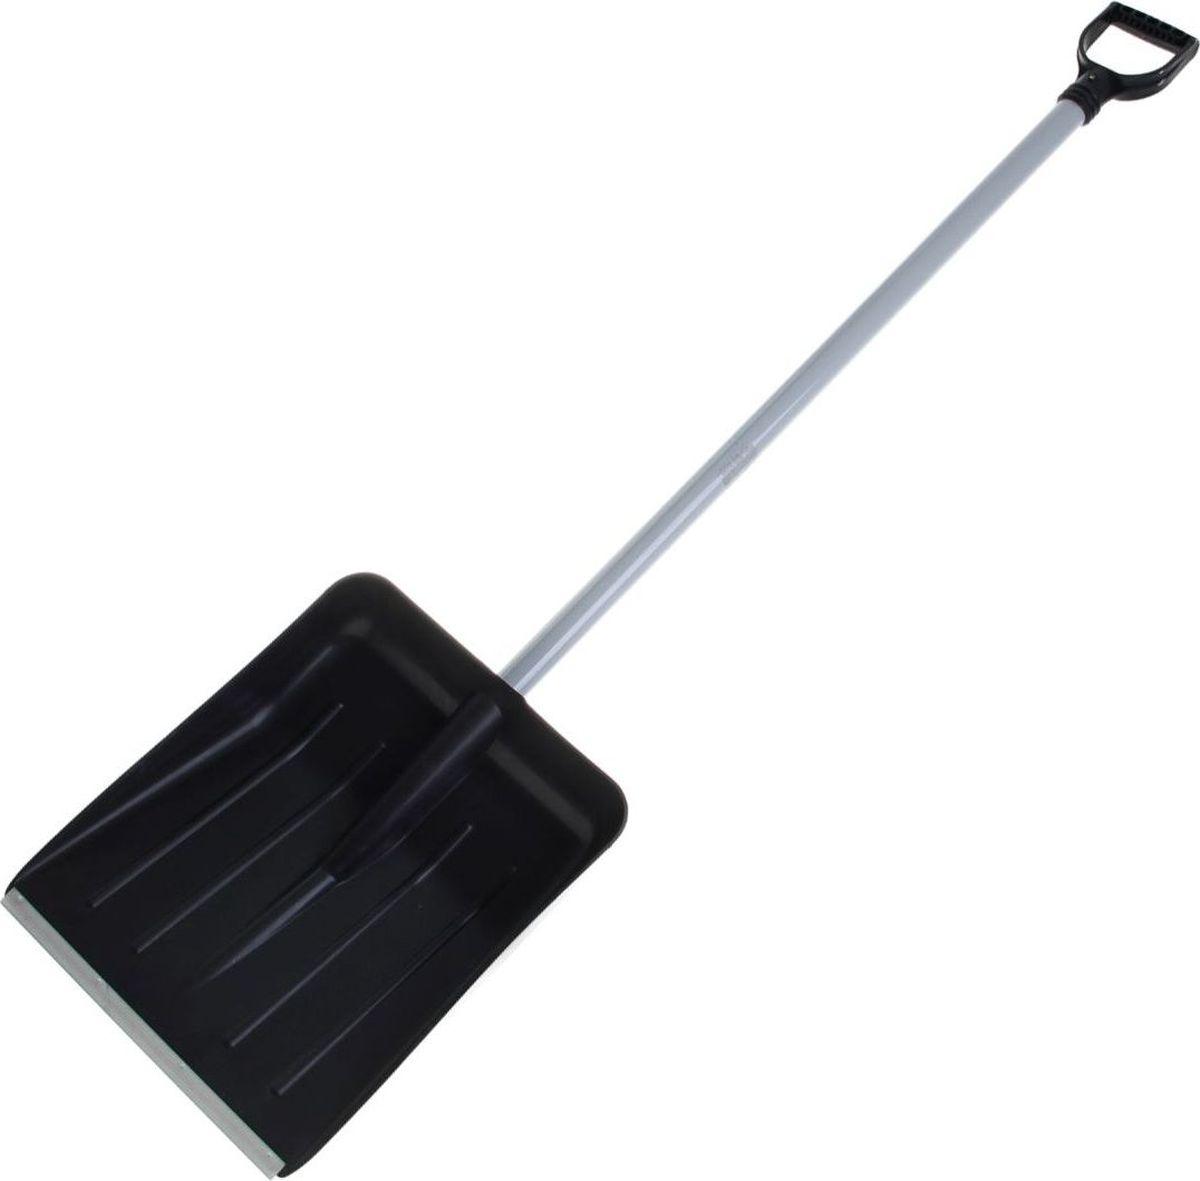 Лопата для снега  Альтернатива , с планкой, черенком и ручкой, длина 143 см - Ручной садовый инструмент